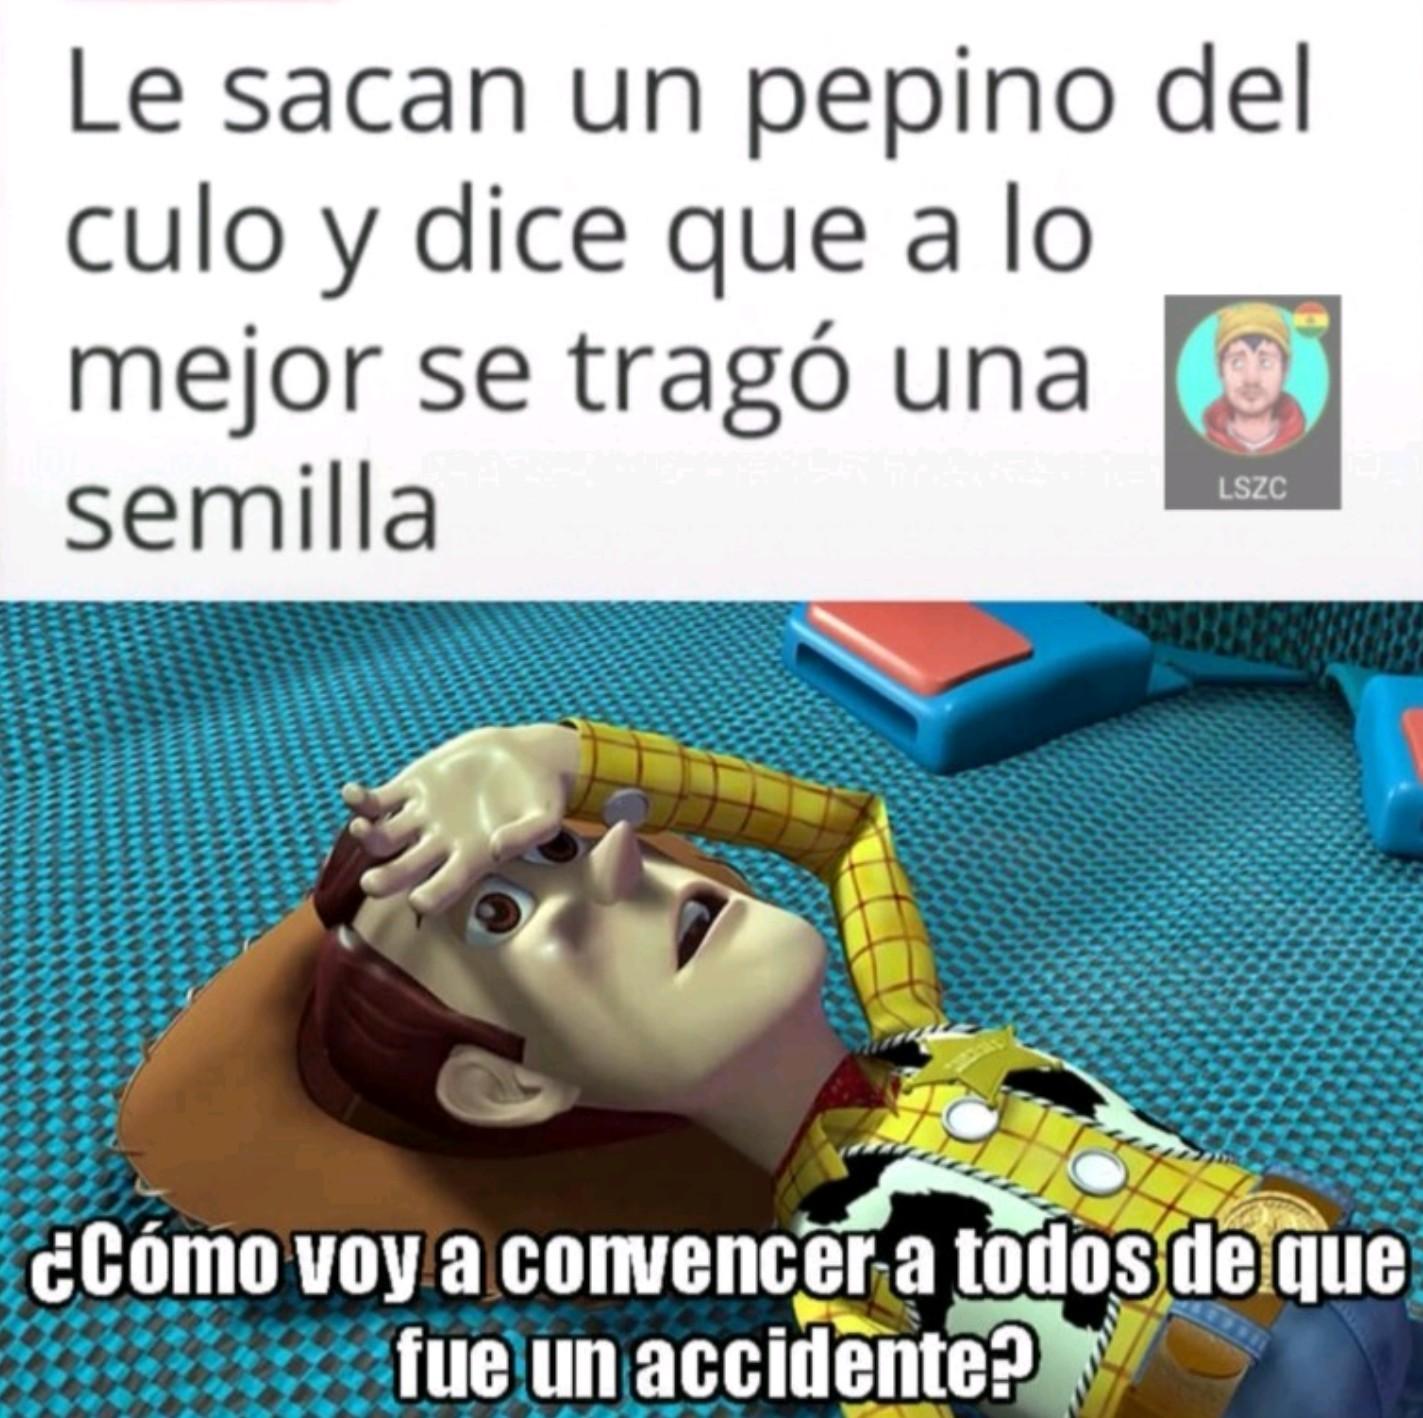 LSZC lo siento - meme